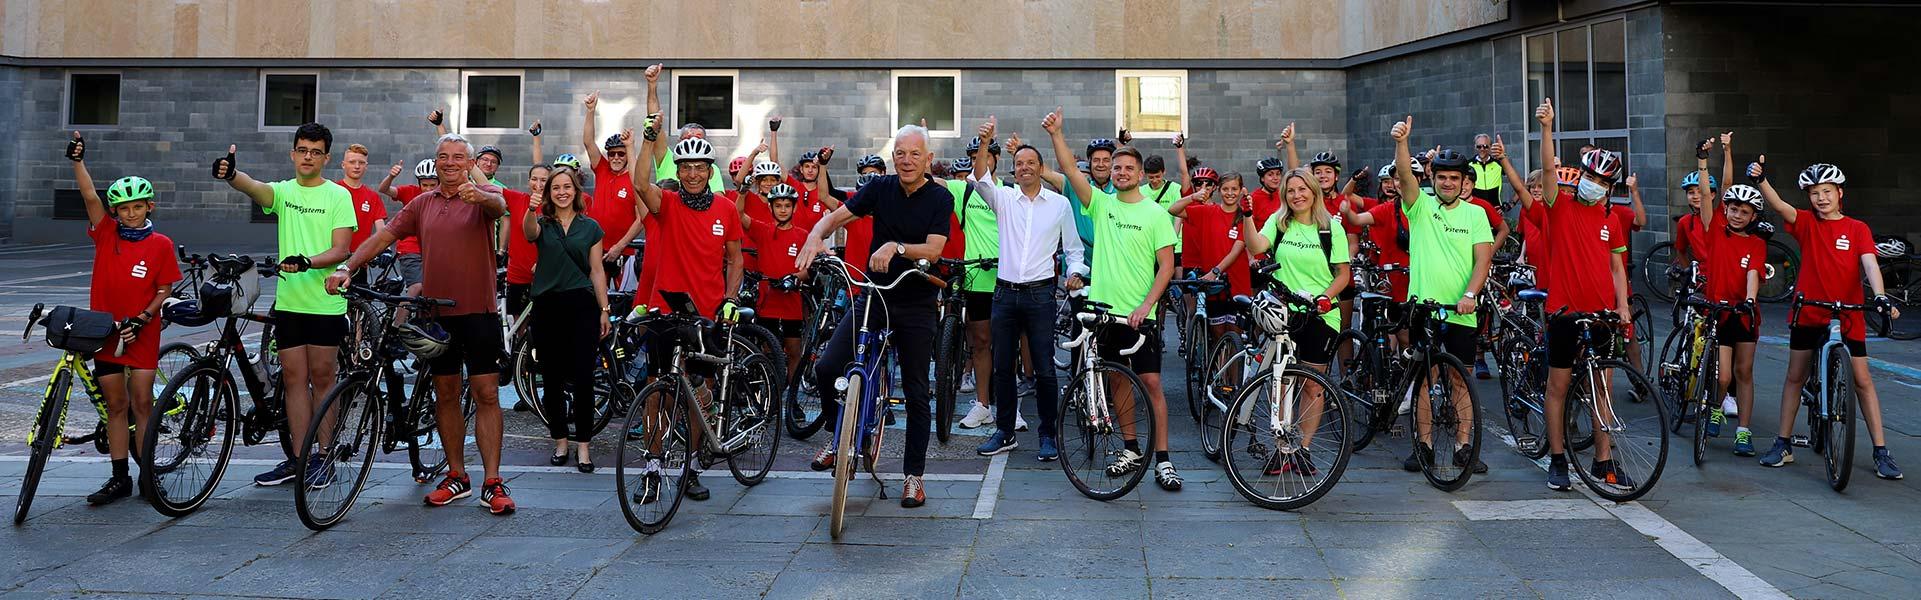 Gruppenfoto beim Start in Heilbronn